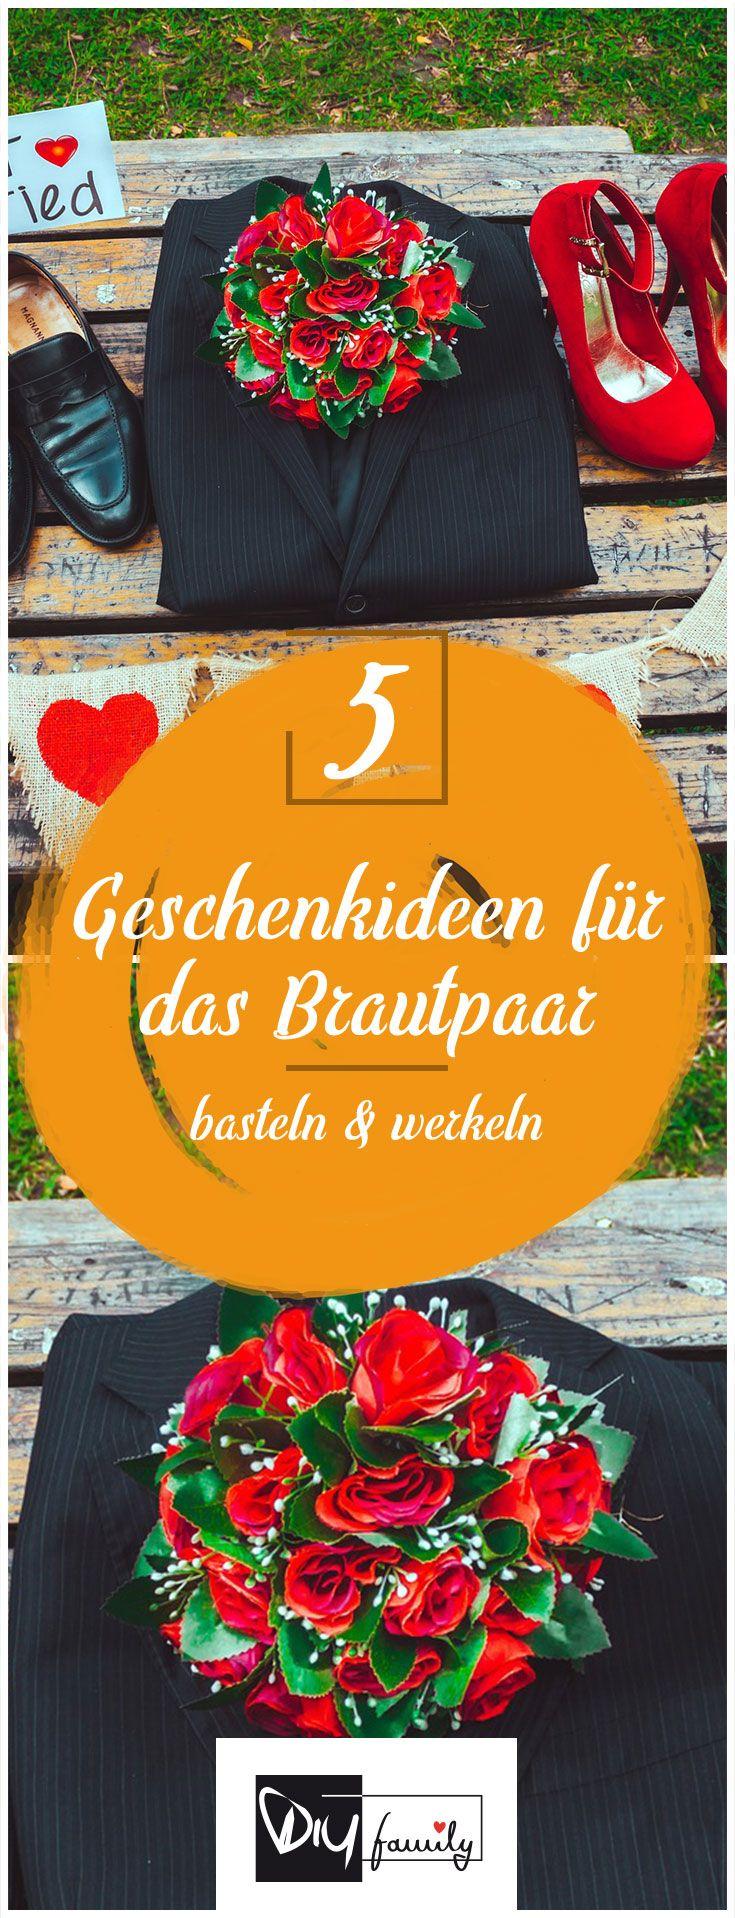 Exquisit Einfallsreiche Geschenke Referenz Von 5 Geschenkideen Für Das Brautpaar | Basteln